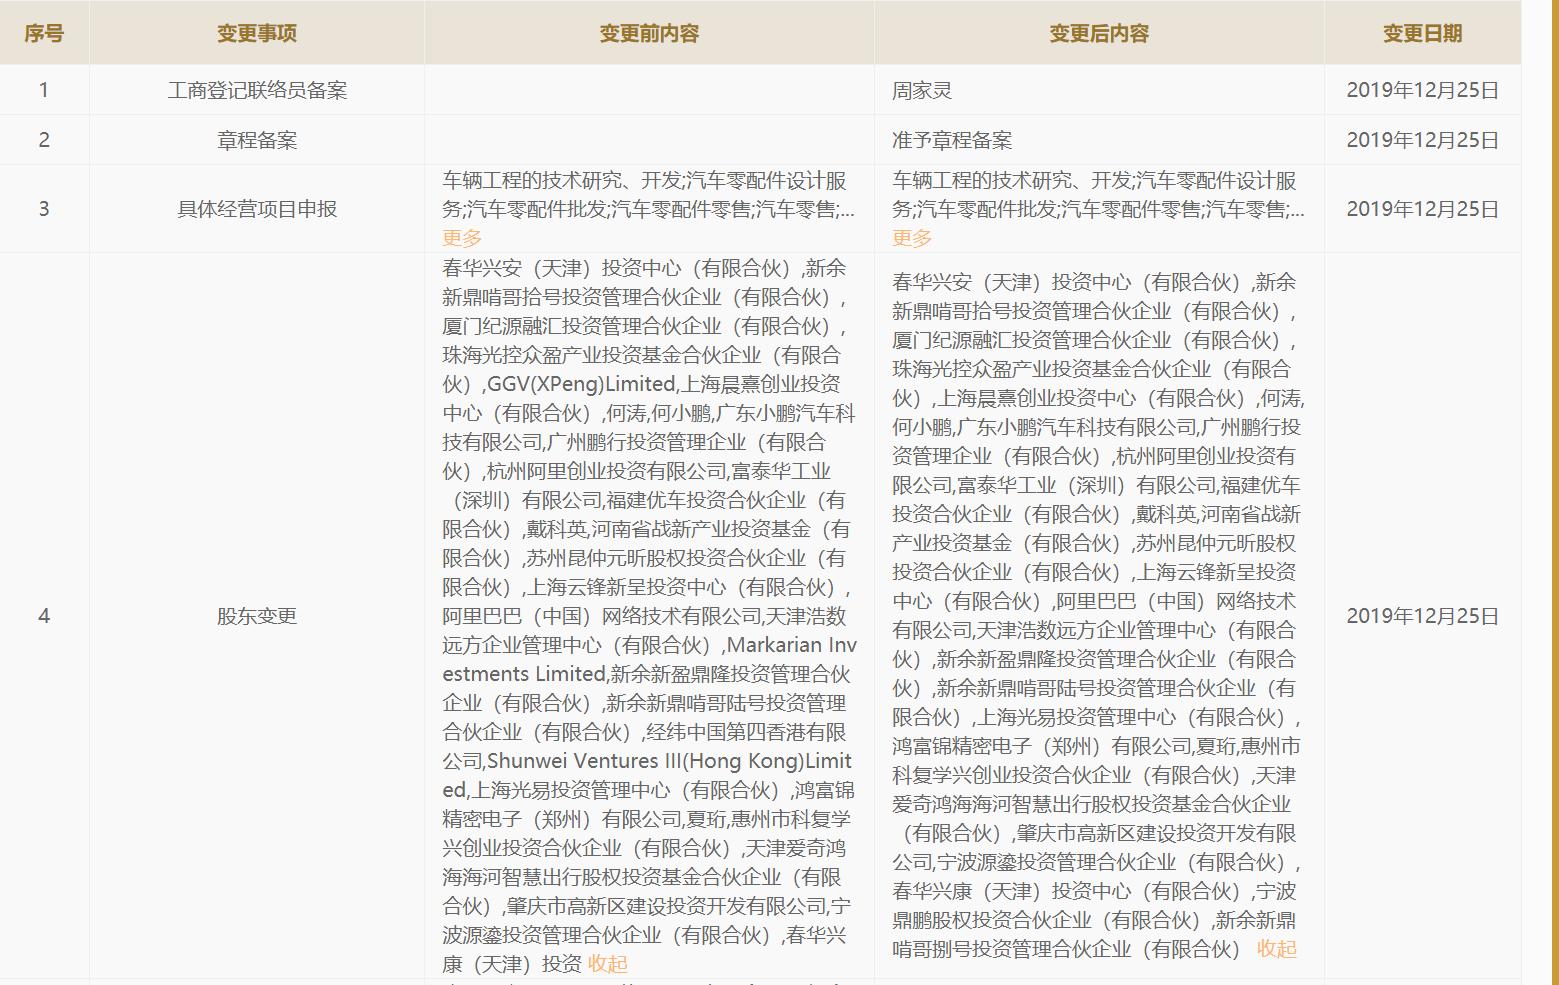 外资股东退出 小鹏汽车称属正常海外重组